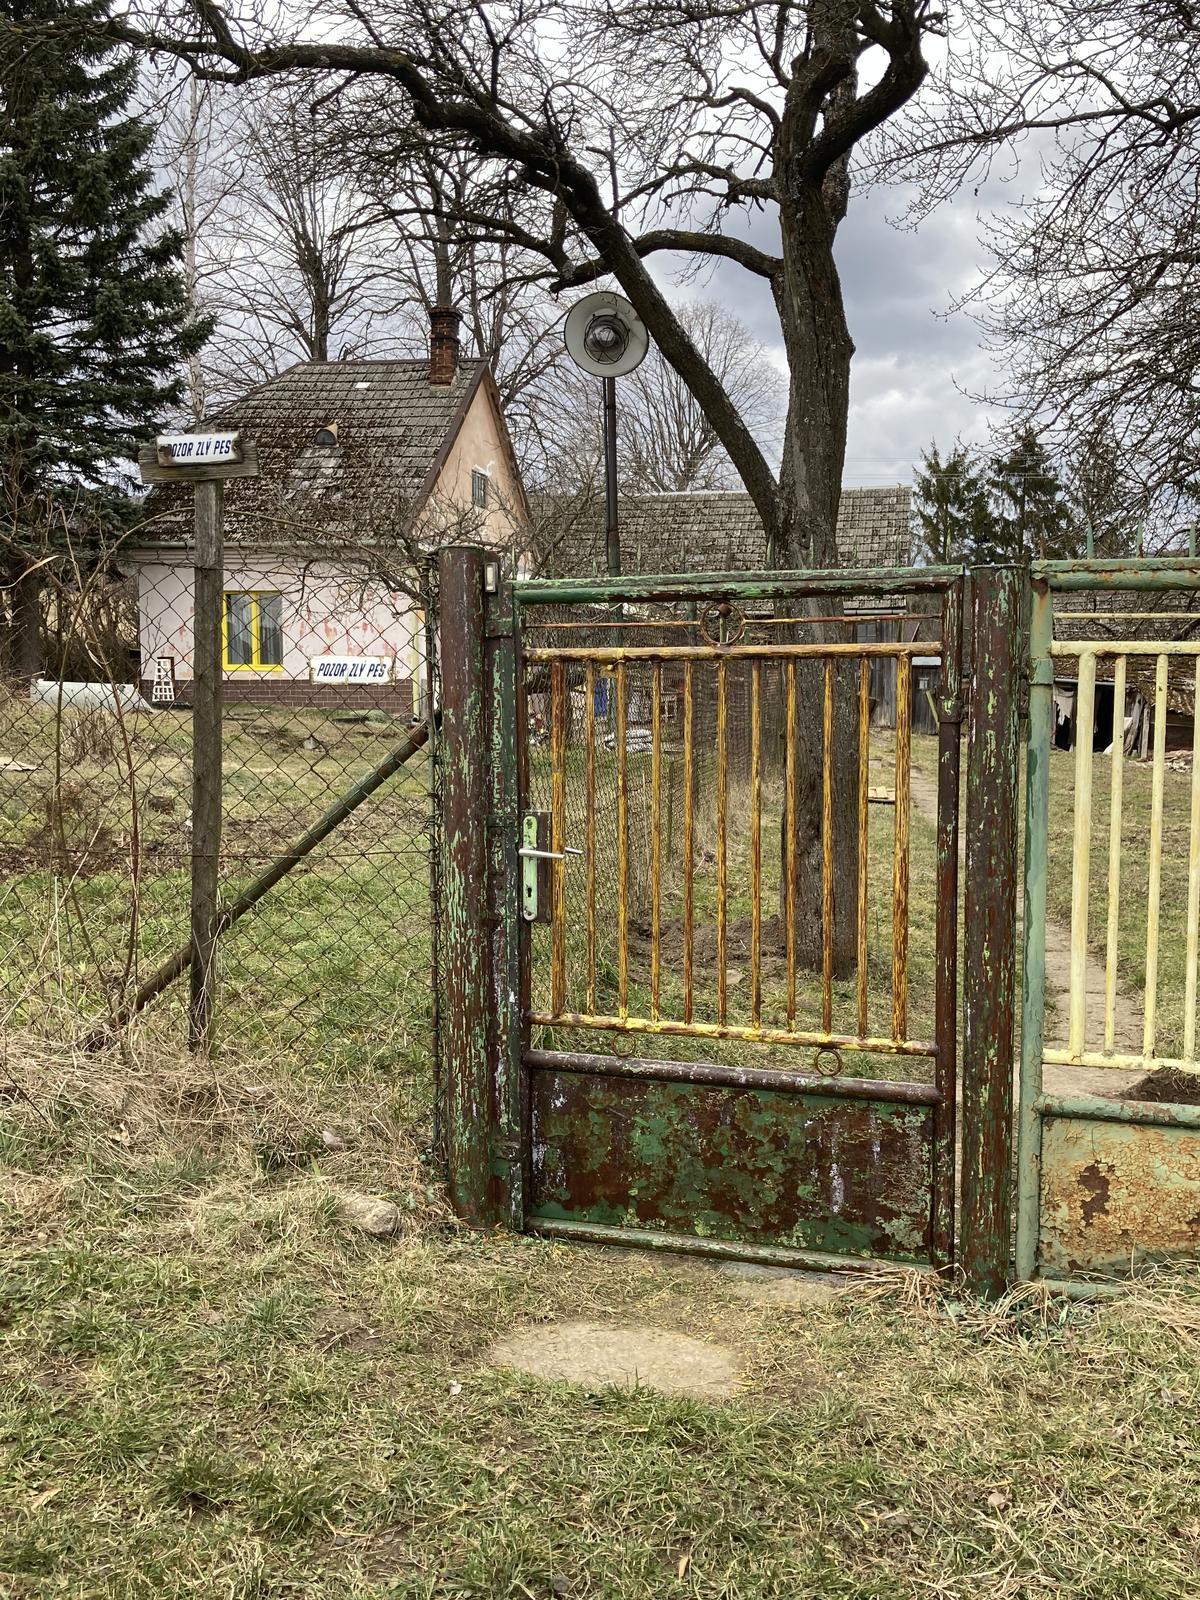 Dom - bránka obrúsená, natretá odhrdzovačom, pripravená na natieranie konečnou farbou